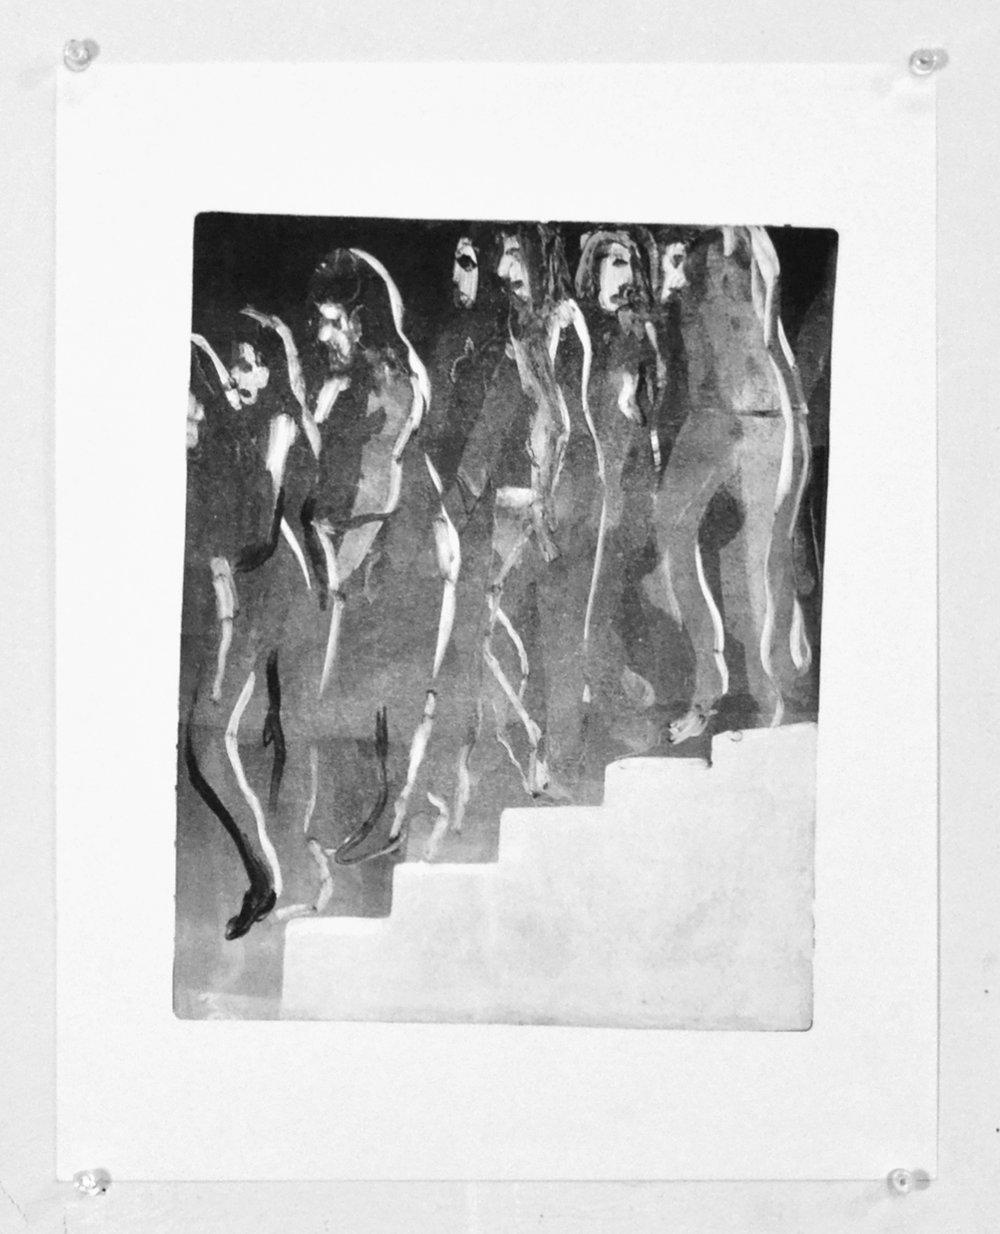 Woman Descending a Staircase